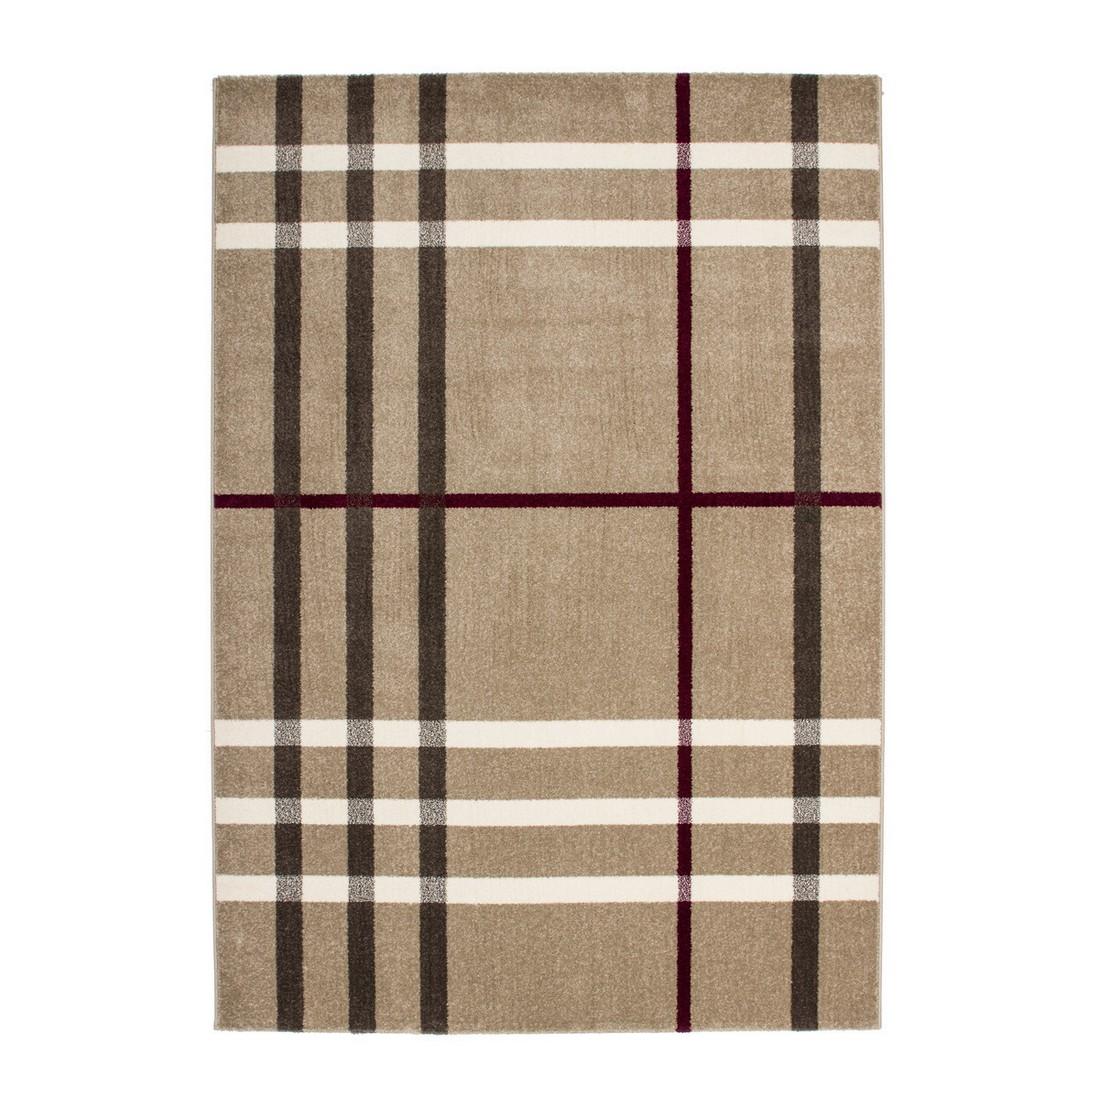 Teppich Milano 424 – Beige – Maße: 200 x 290 cm, Kayoom jetzt kaufen